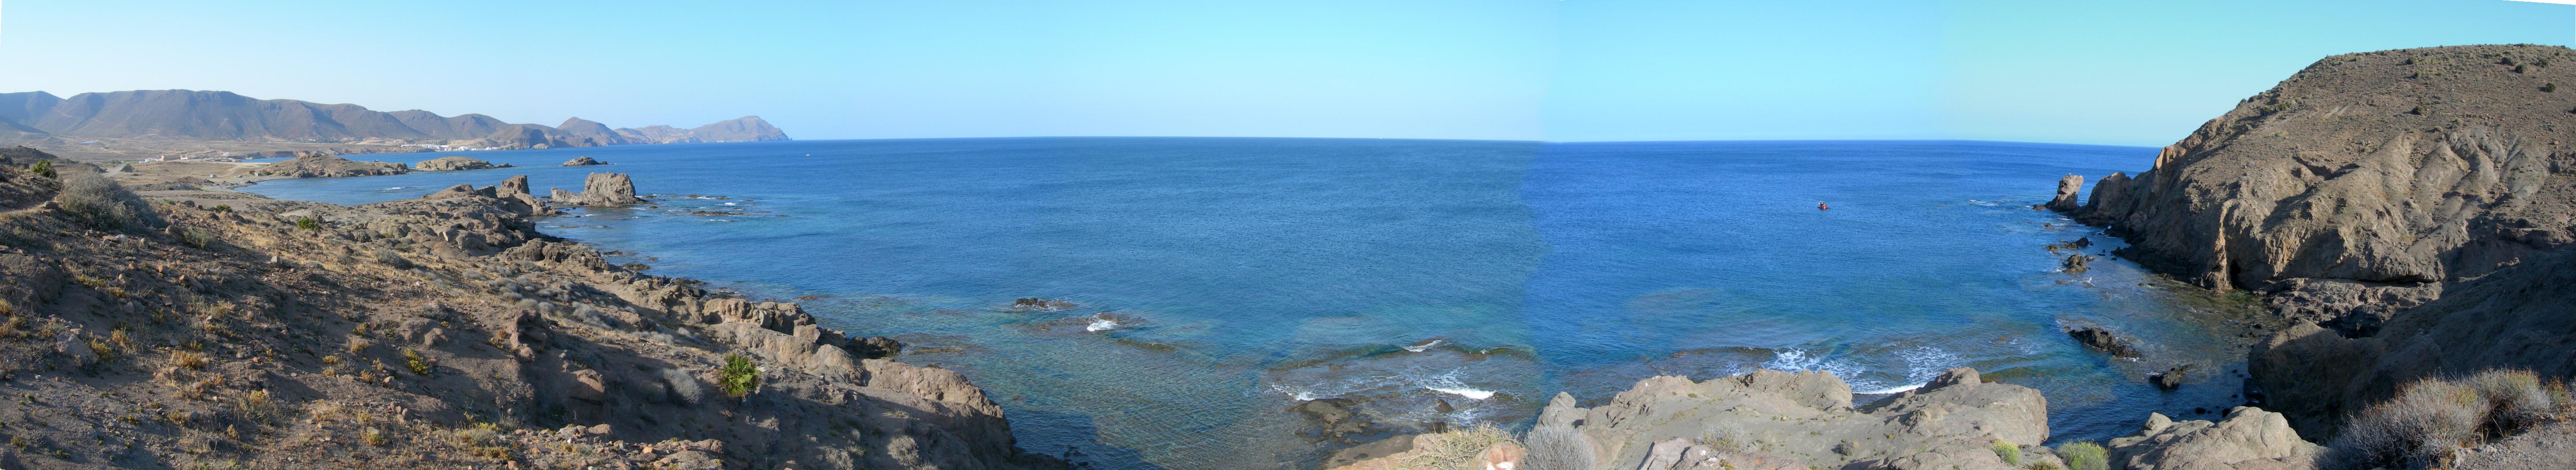 Foto playa El Arco / Los Escullos. Los Escullos al fondo Isleta del Moro